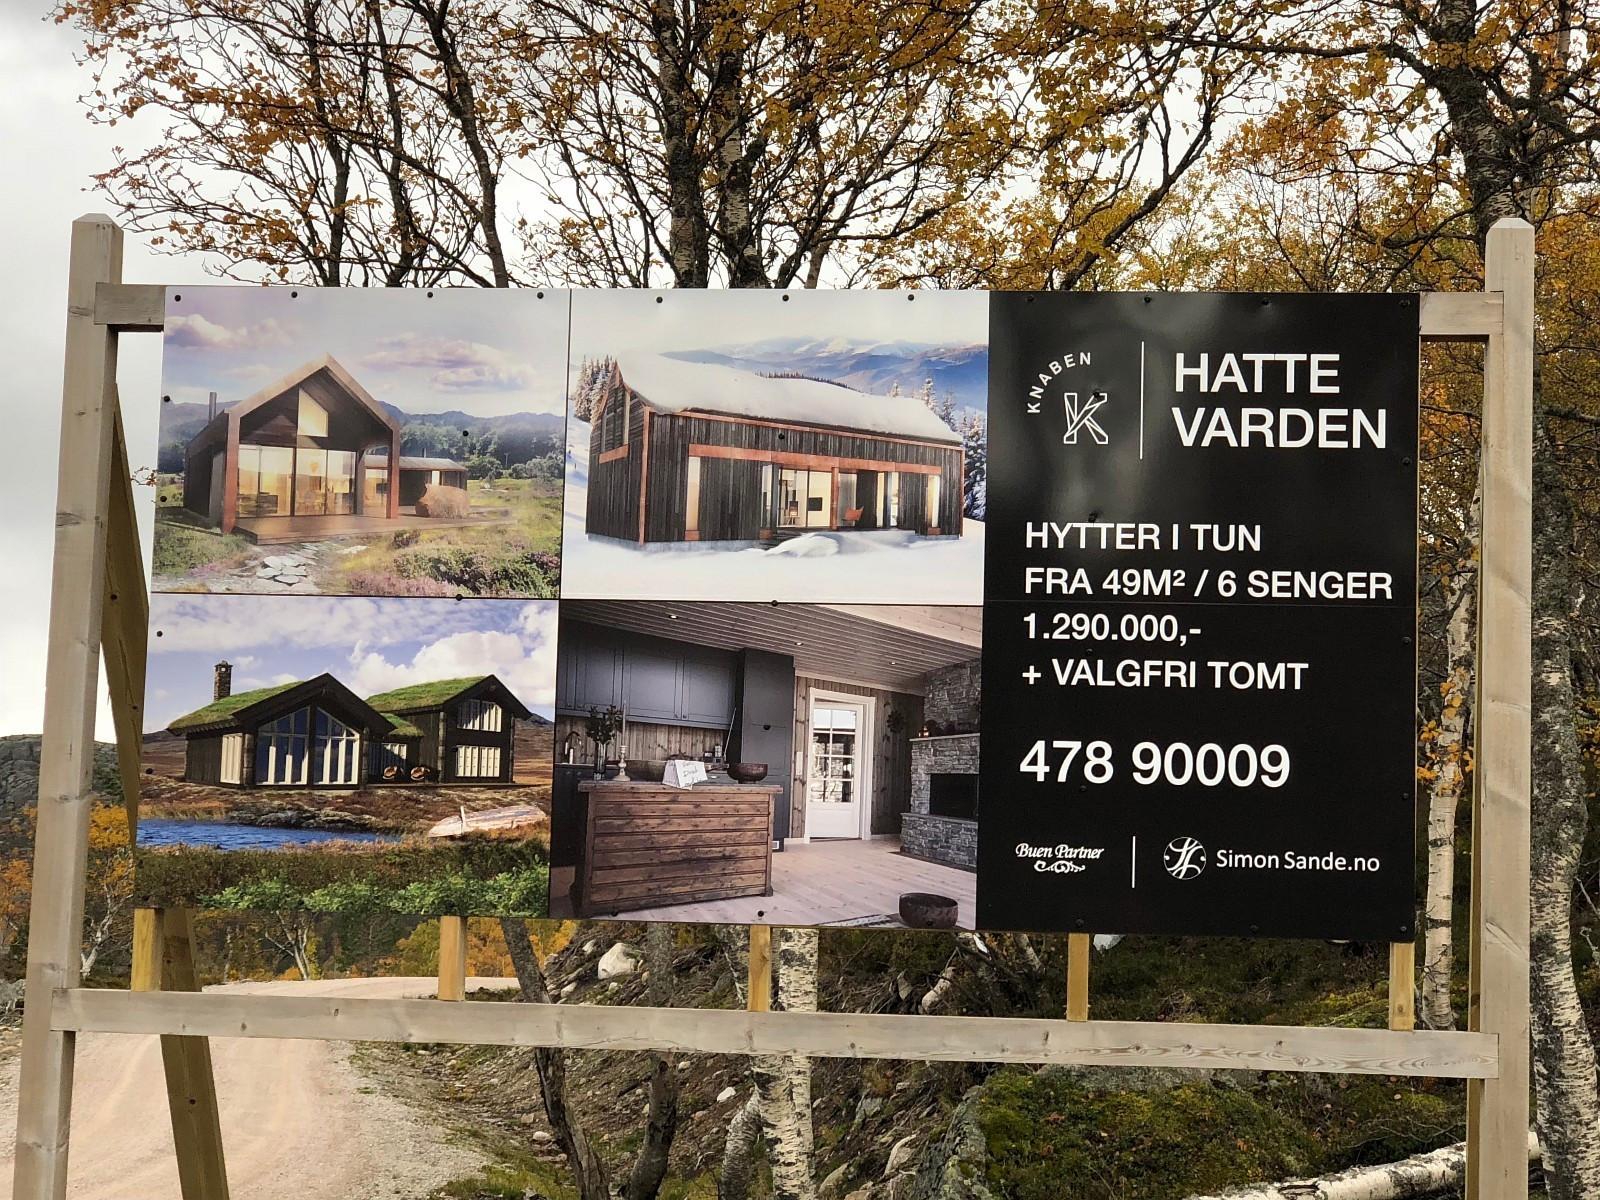 Simon Sande skal bygge totalt 100 hytter i Hattevarden Hyttegrend